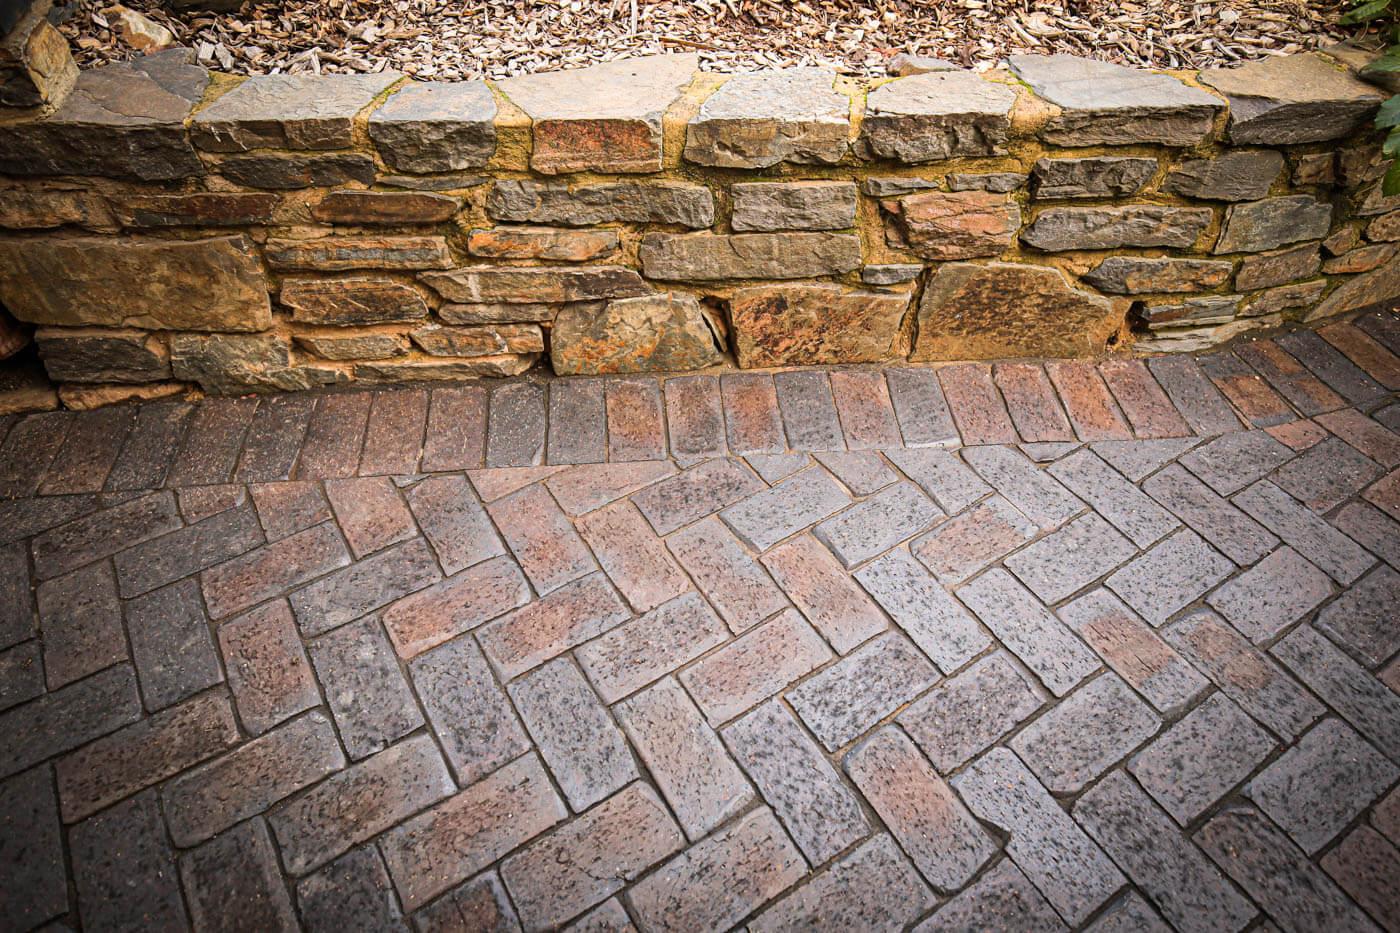 Mahogany Cobblestone Clay Pavers Littlehampton Brick Rs 4